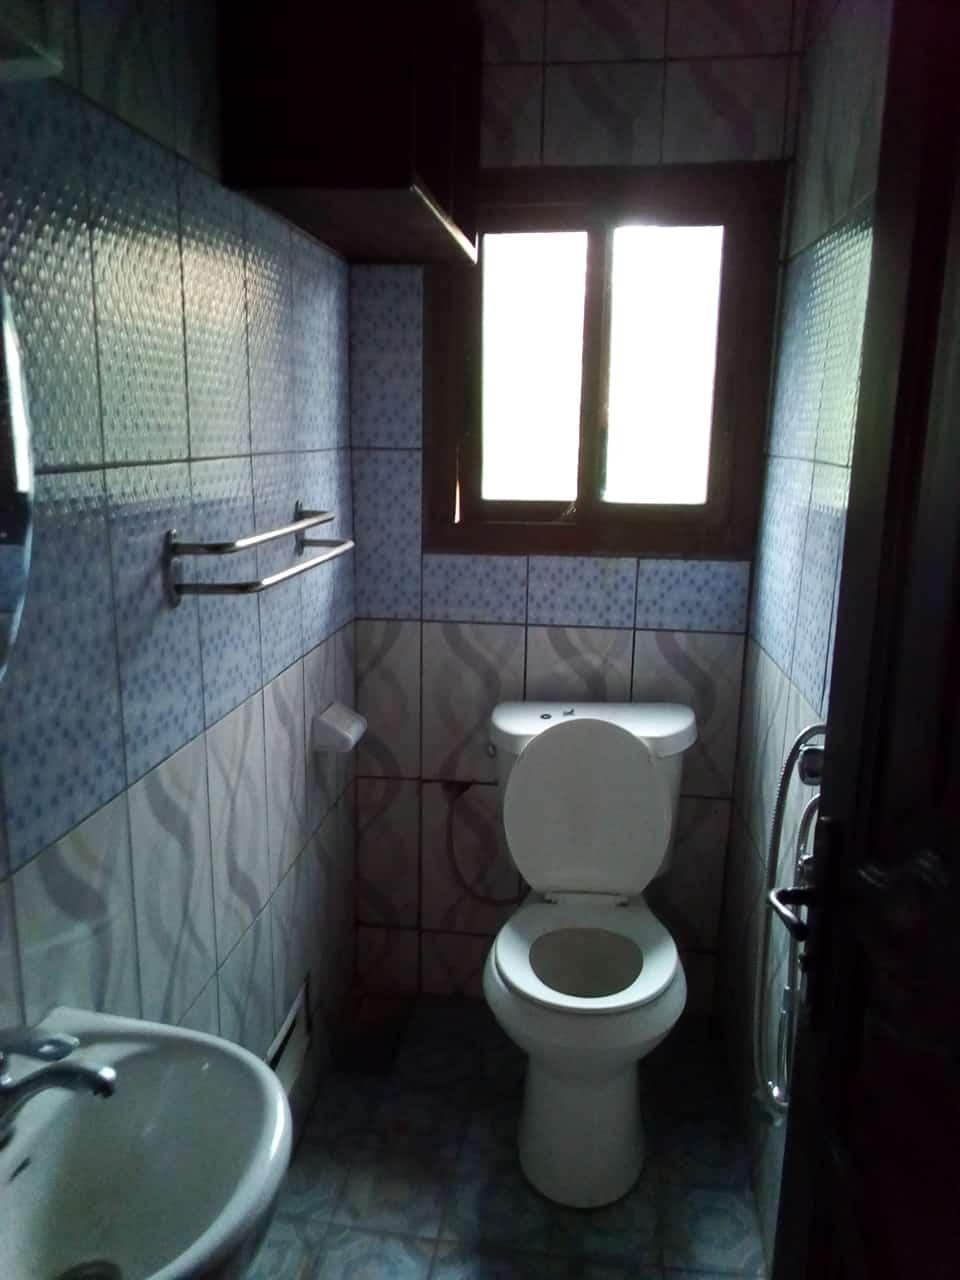 Apartment to rent - Yaoundé, Mfandena, pas loin de la carriere - 1 living room(s), 2 bedroom(s), 1 bathroom(s) - 200 000 FCFA / month